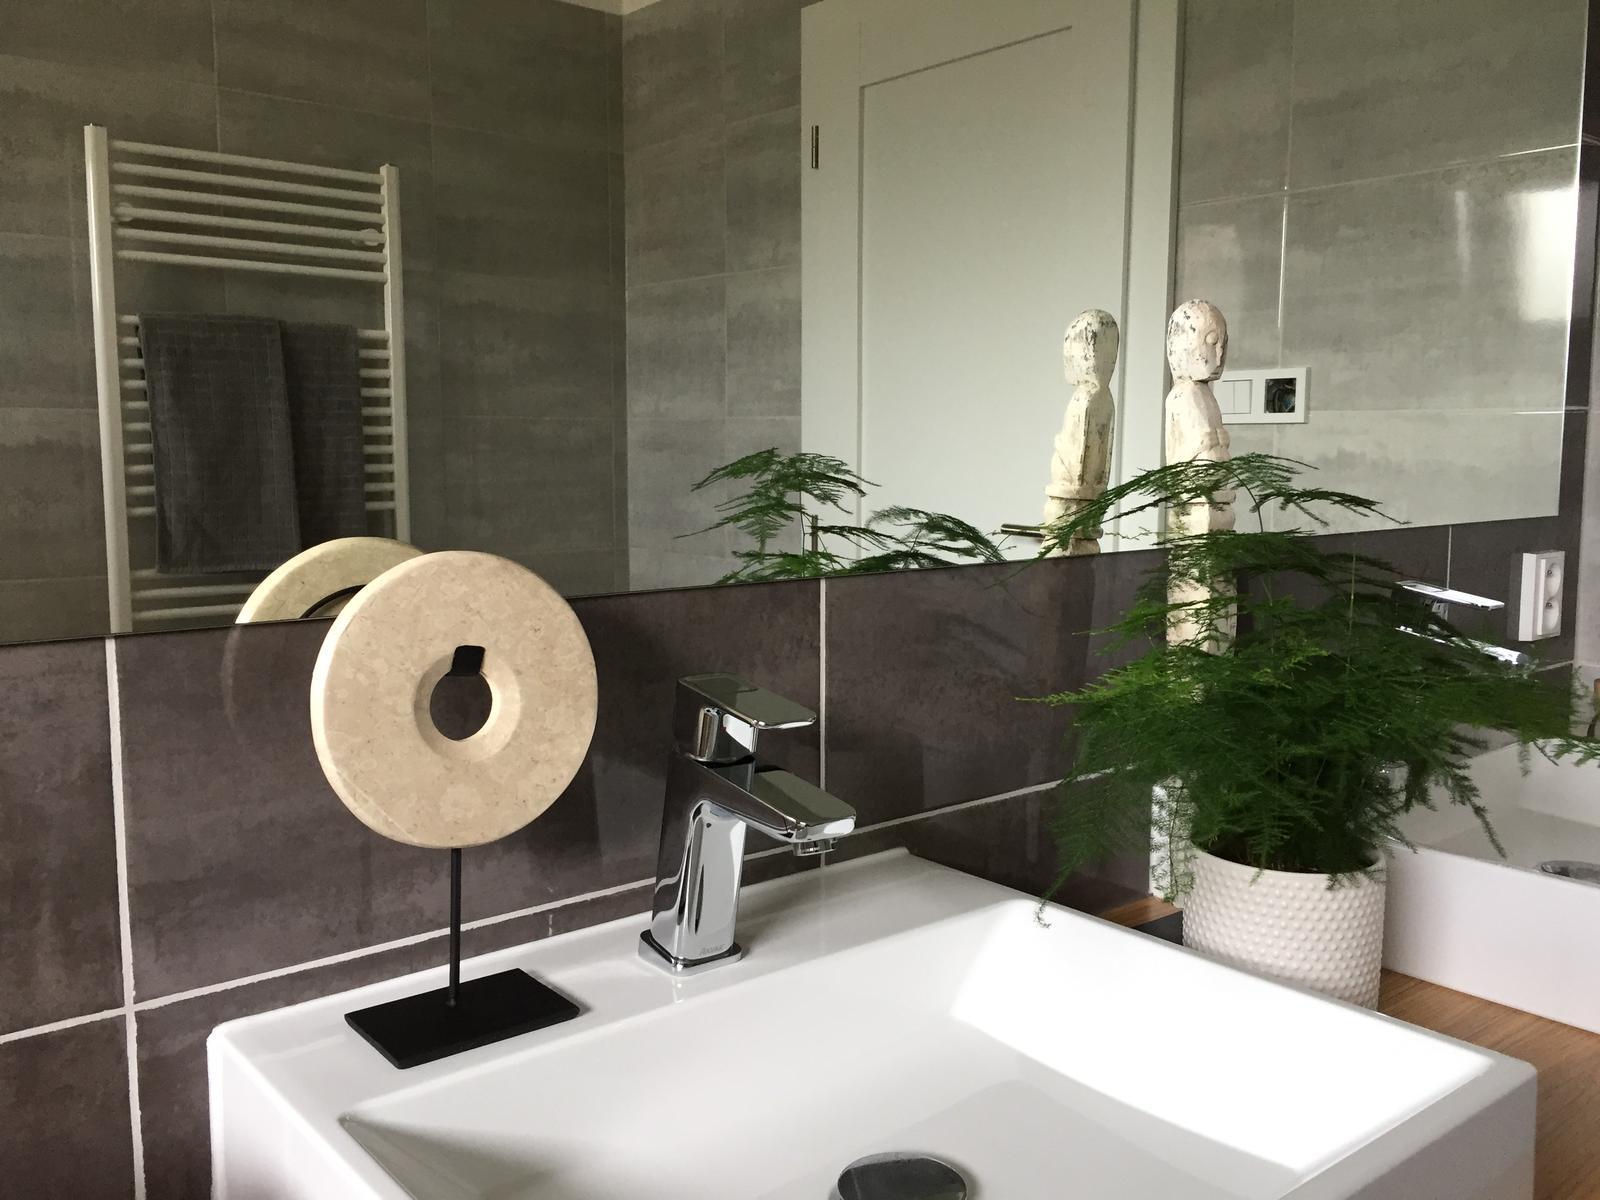 Mramorová dekorace kolo na stojanu - Obrázek č. 1